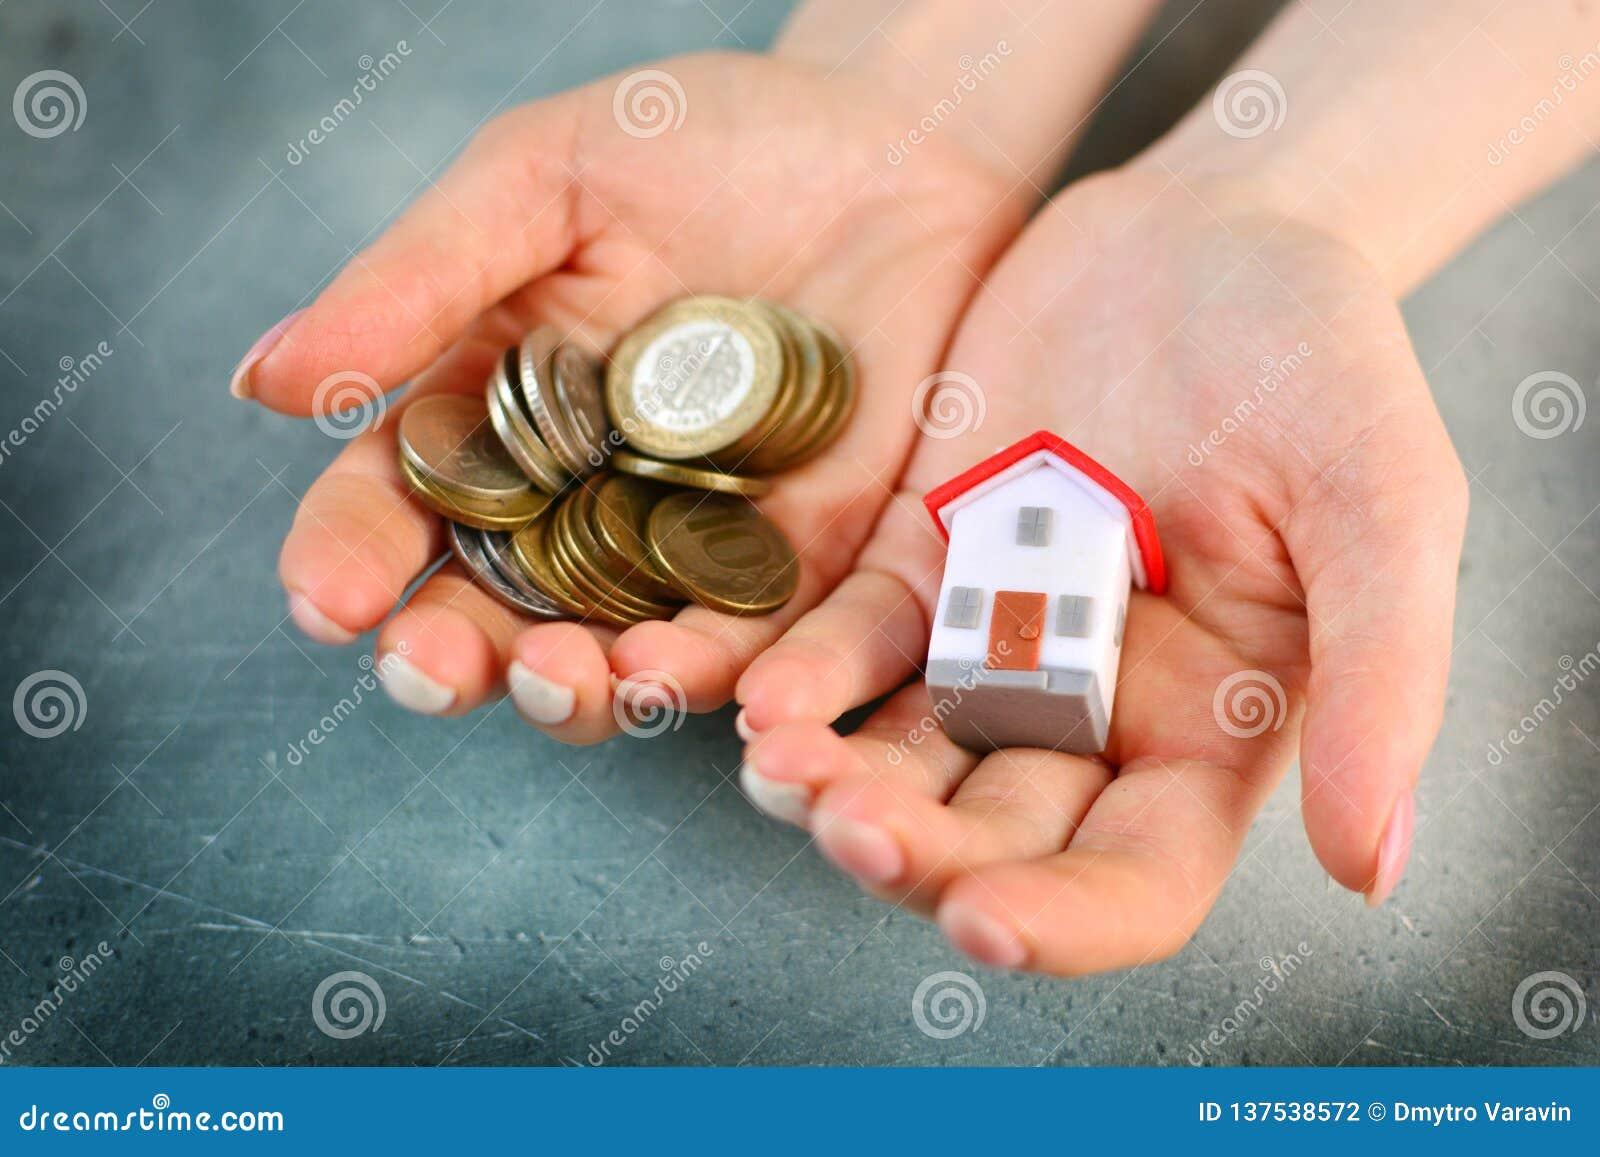 Manque d argent pour acheter un concept de maison La femme tient la maison de jouet dans une main et poignée de pièces de monnaie